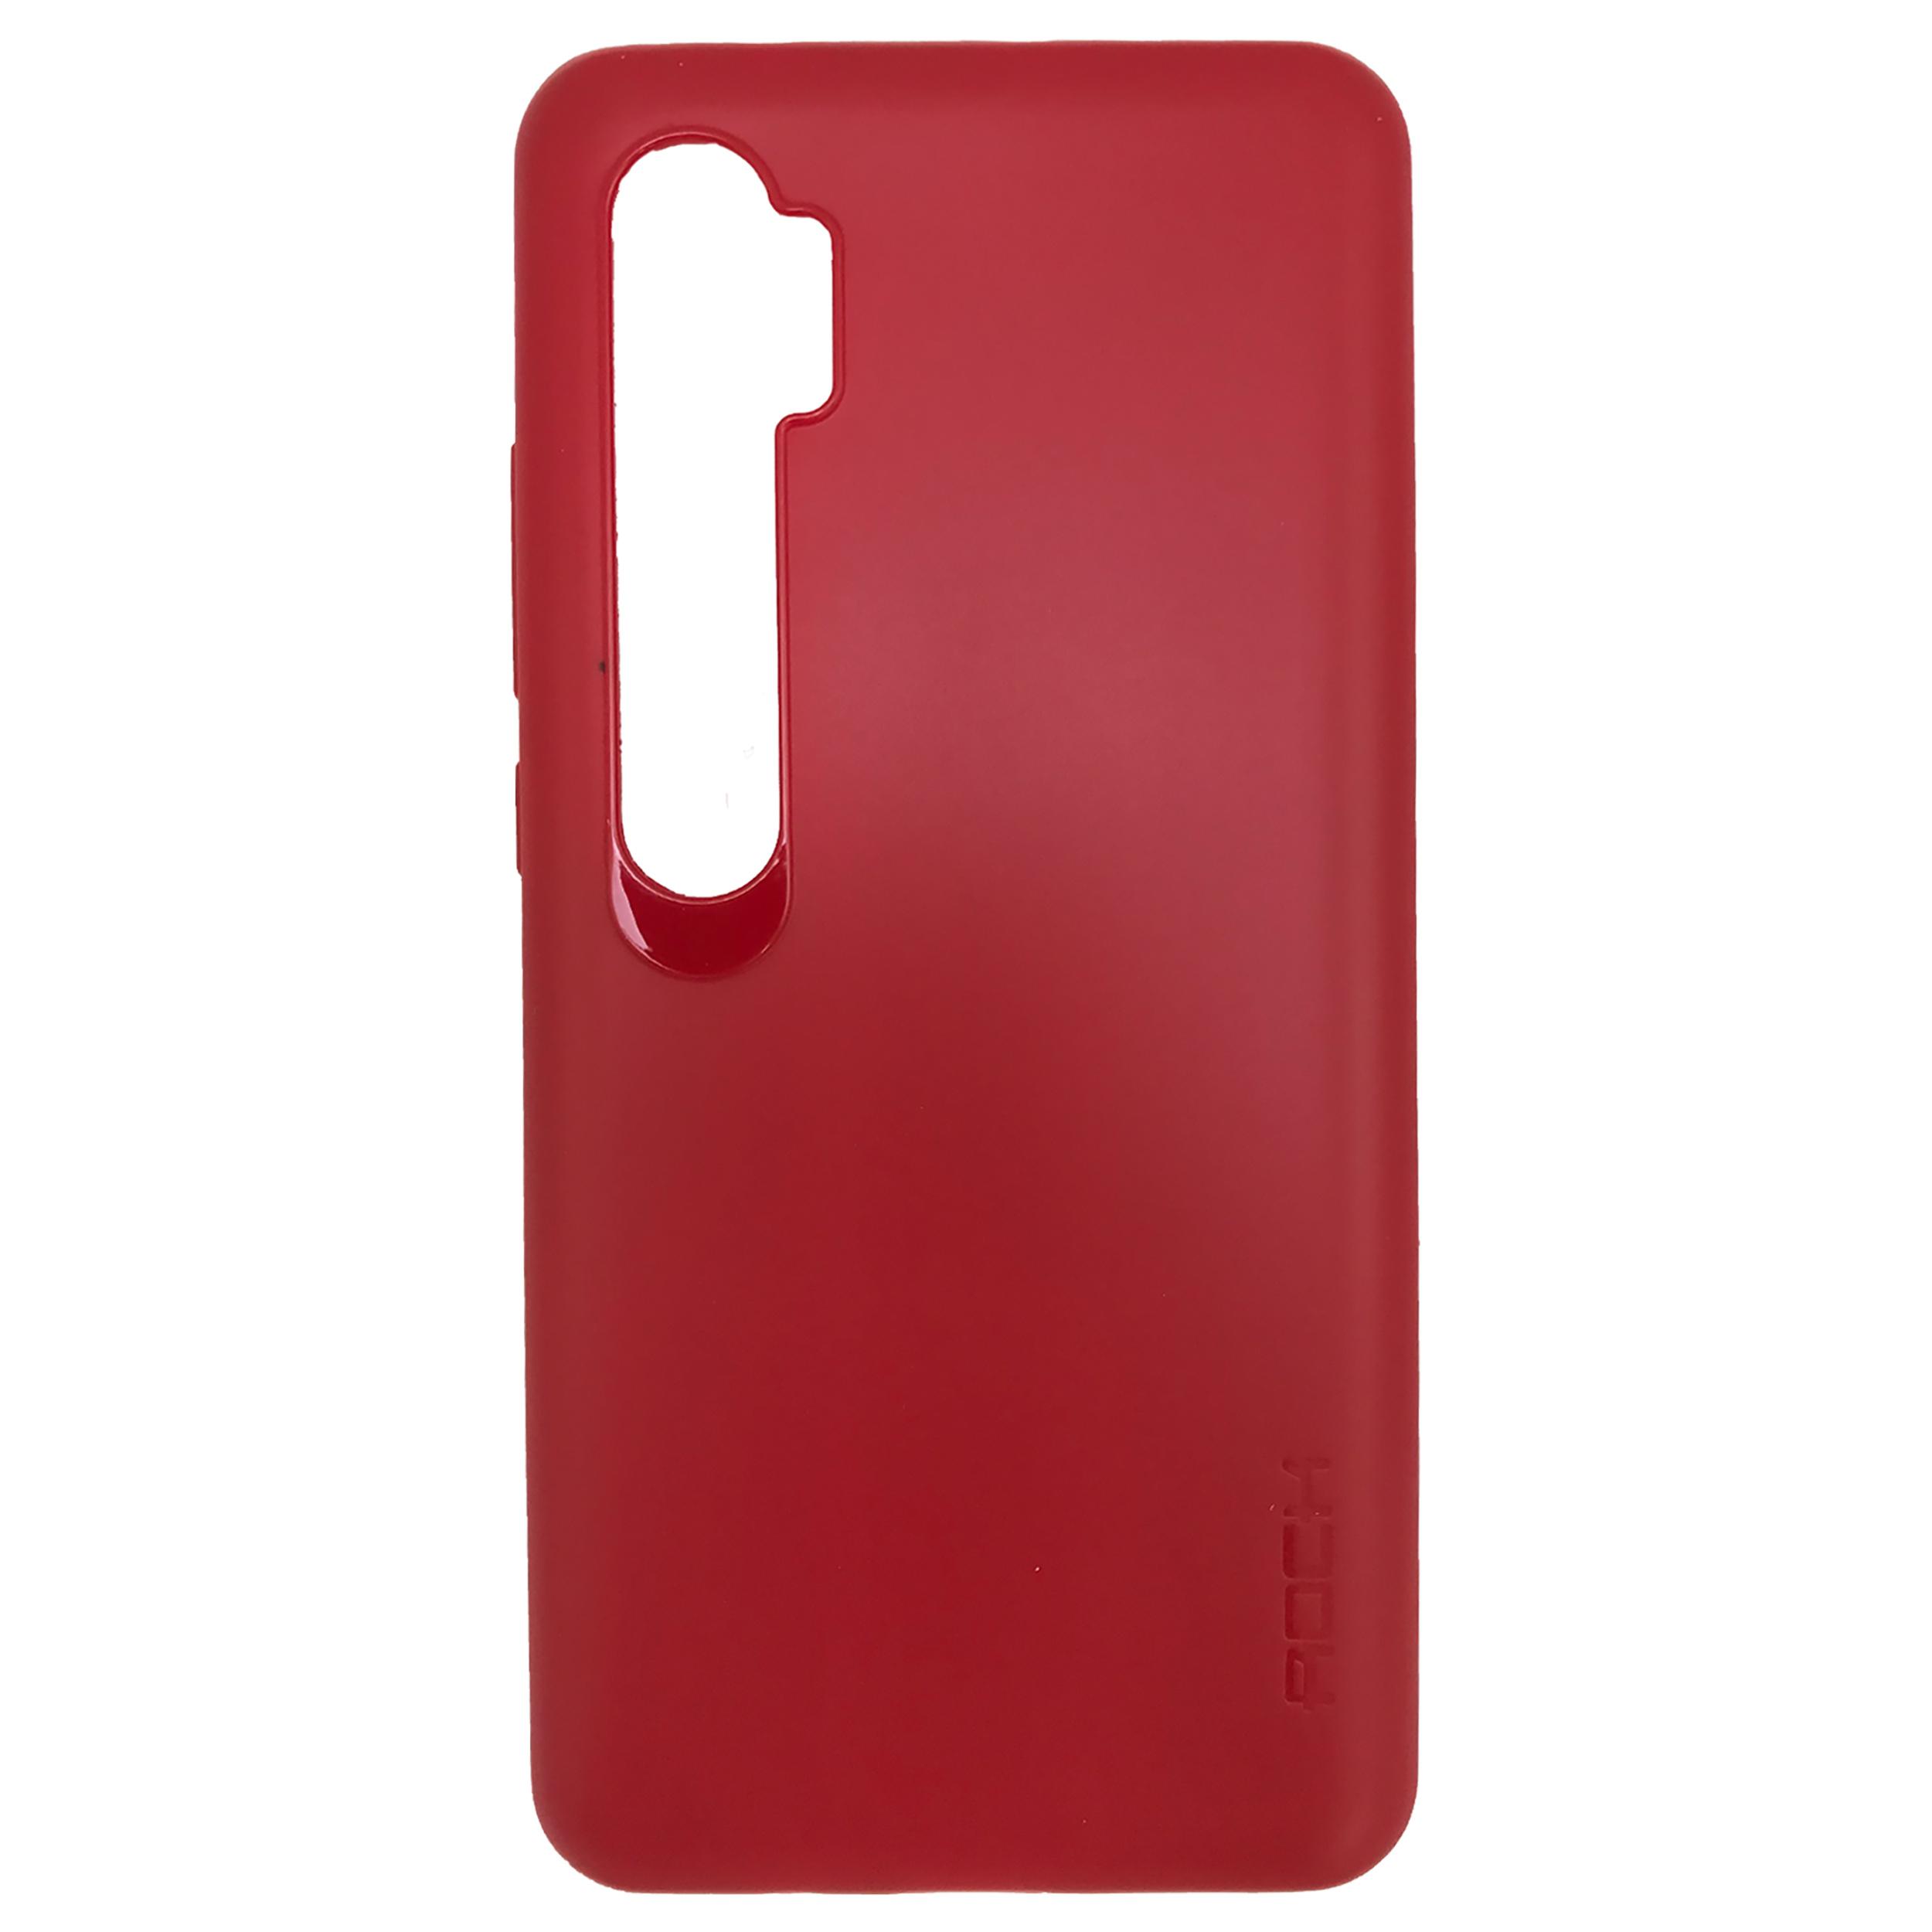 کاور مدل RCK مناسب برای گوشی موبایل شیائومی Mi Note 10/Note 10 Plus